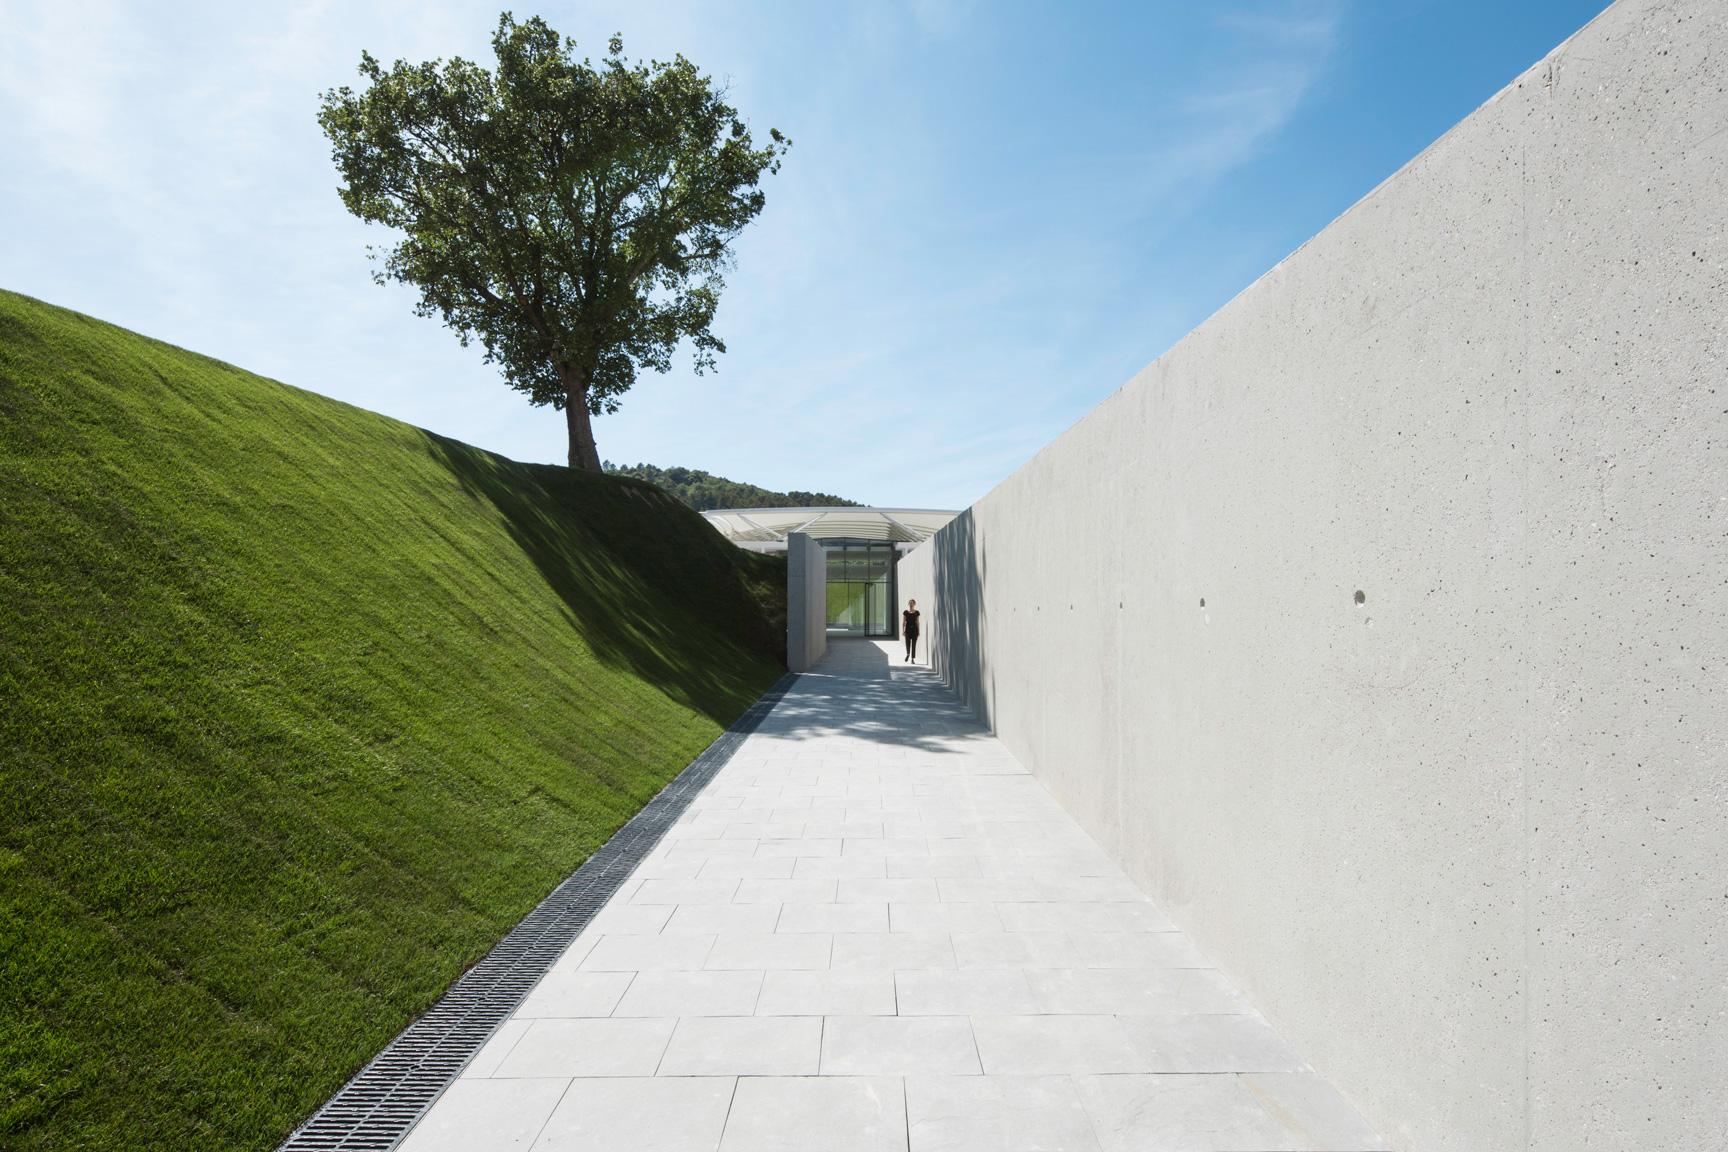 Le pavillon dédié à la photographie de Renzo Piano, dans le domaine du château La Coste. © Stéphane Aboudaram | WE ARE CONTENT(S)